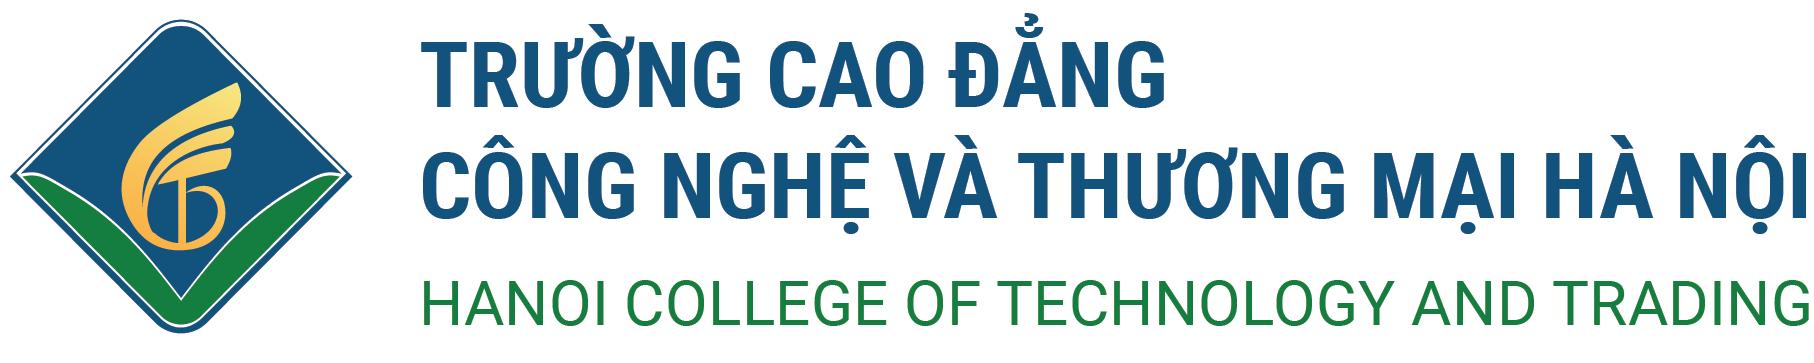 Cao đẳng Công nghệ và Thương mại Hà Nội